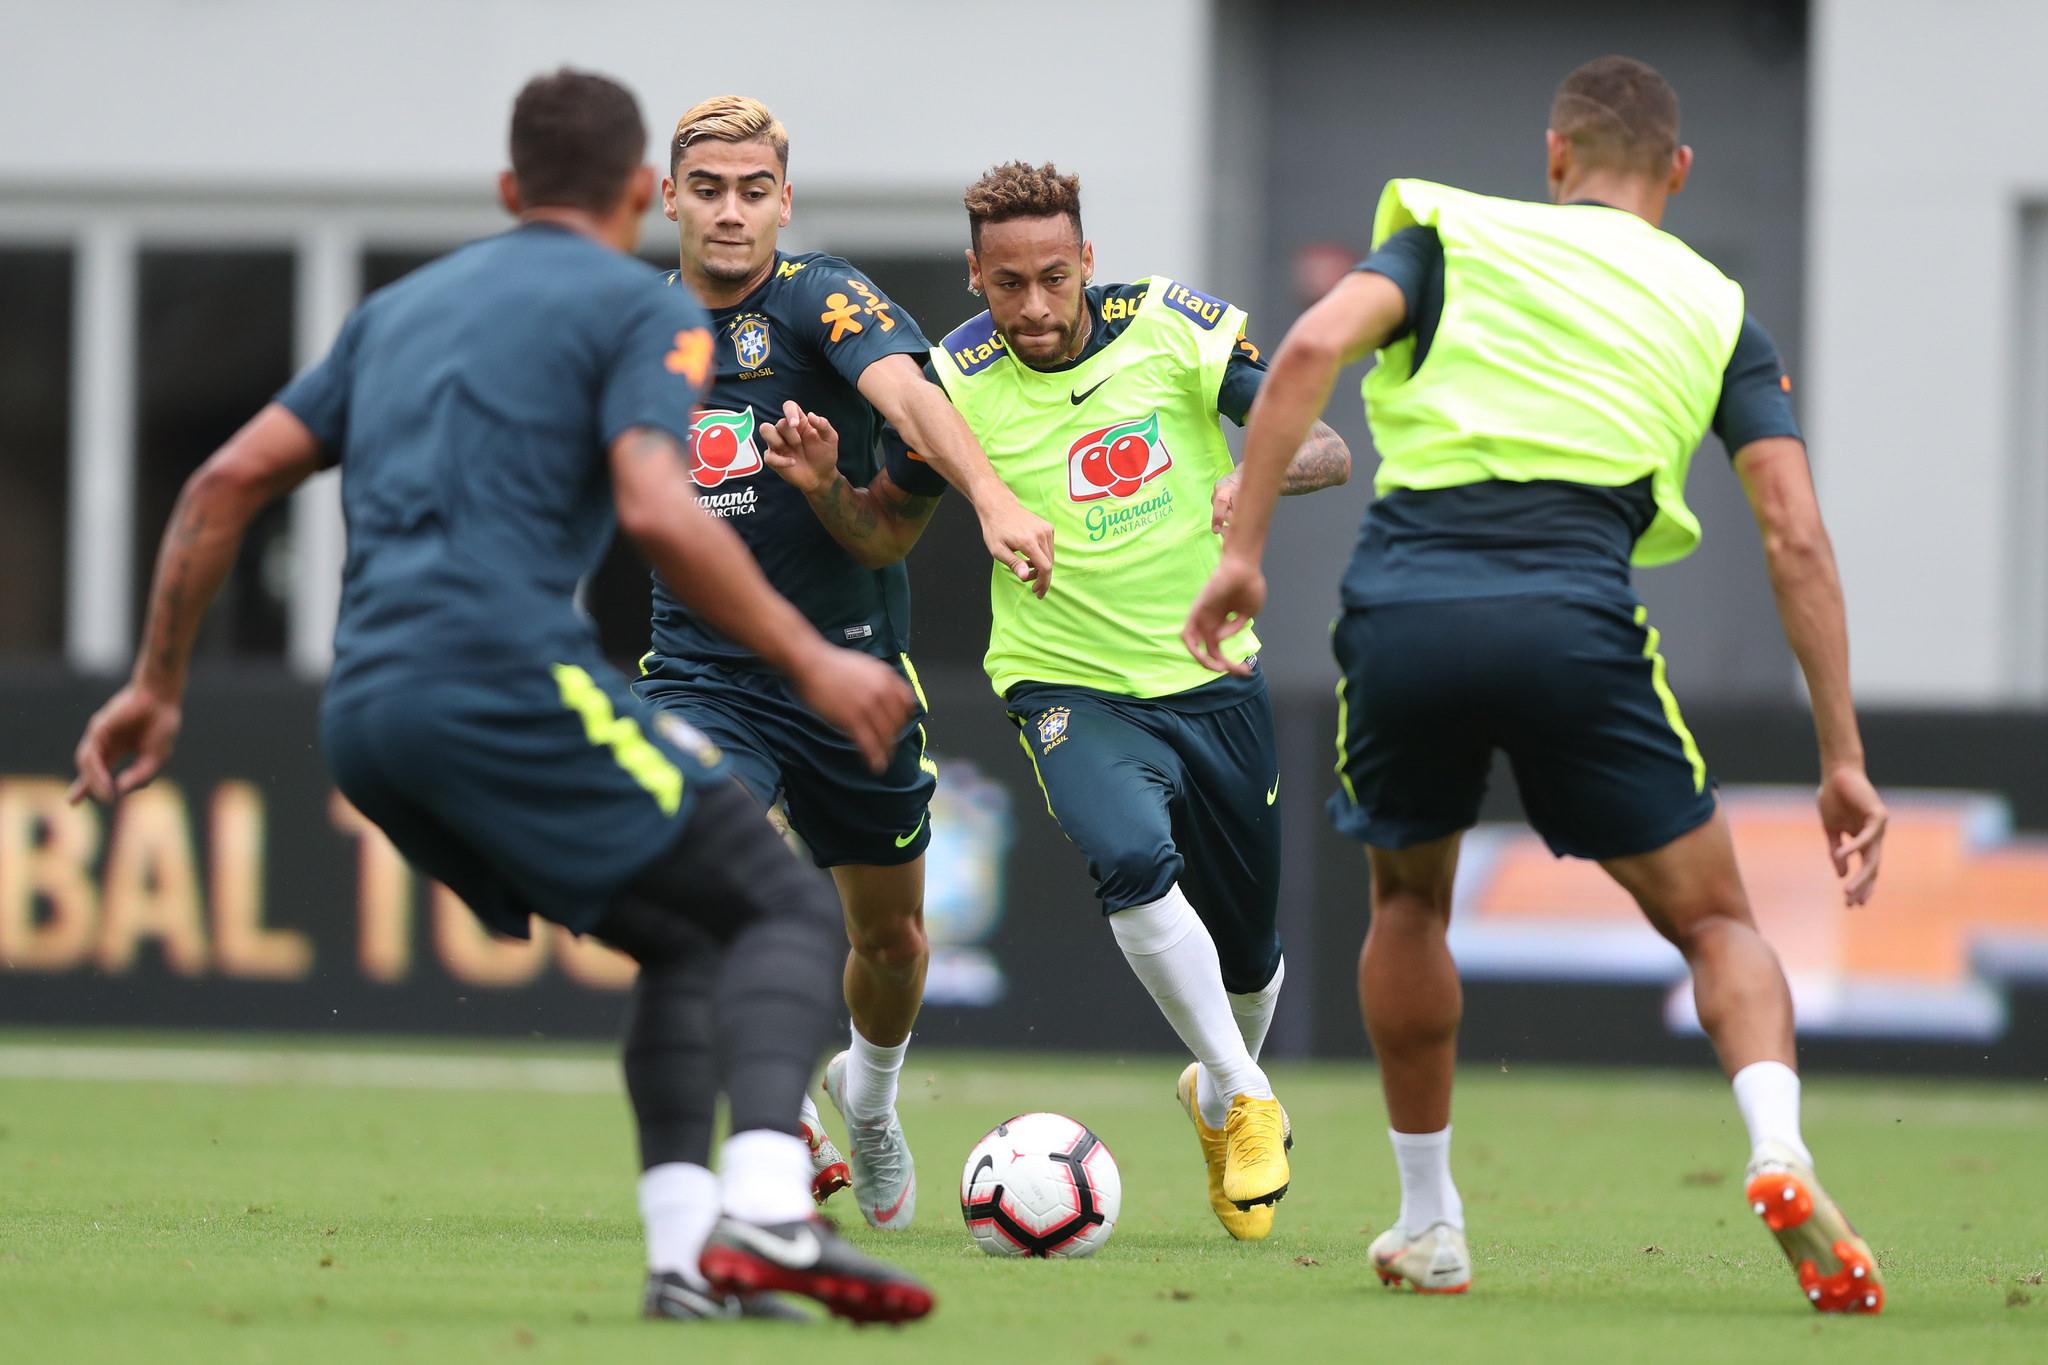 Equipe brasileira terá seis mudanças no time titular contra El Salvador